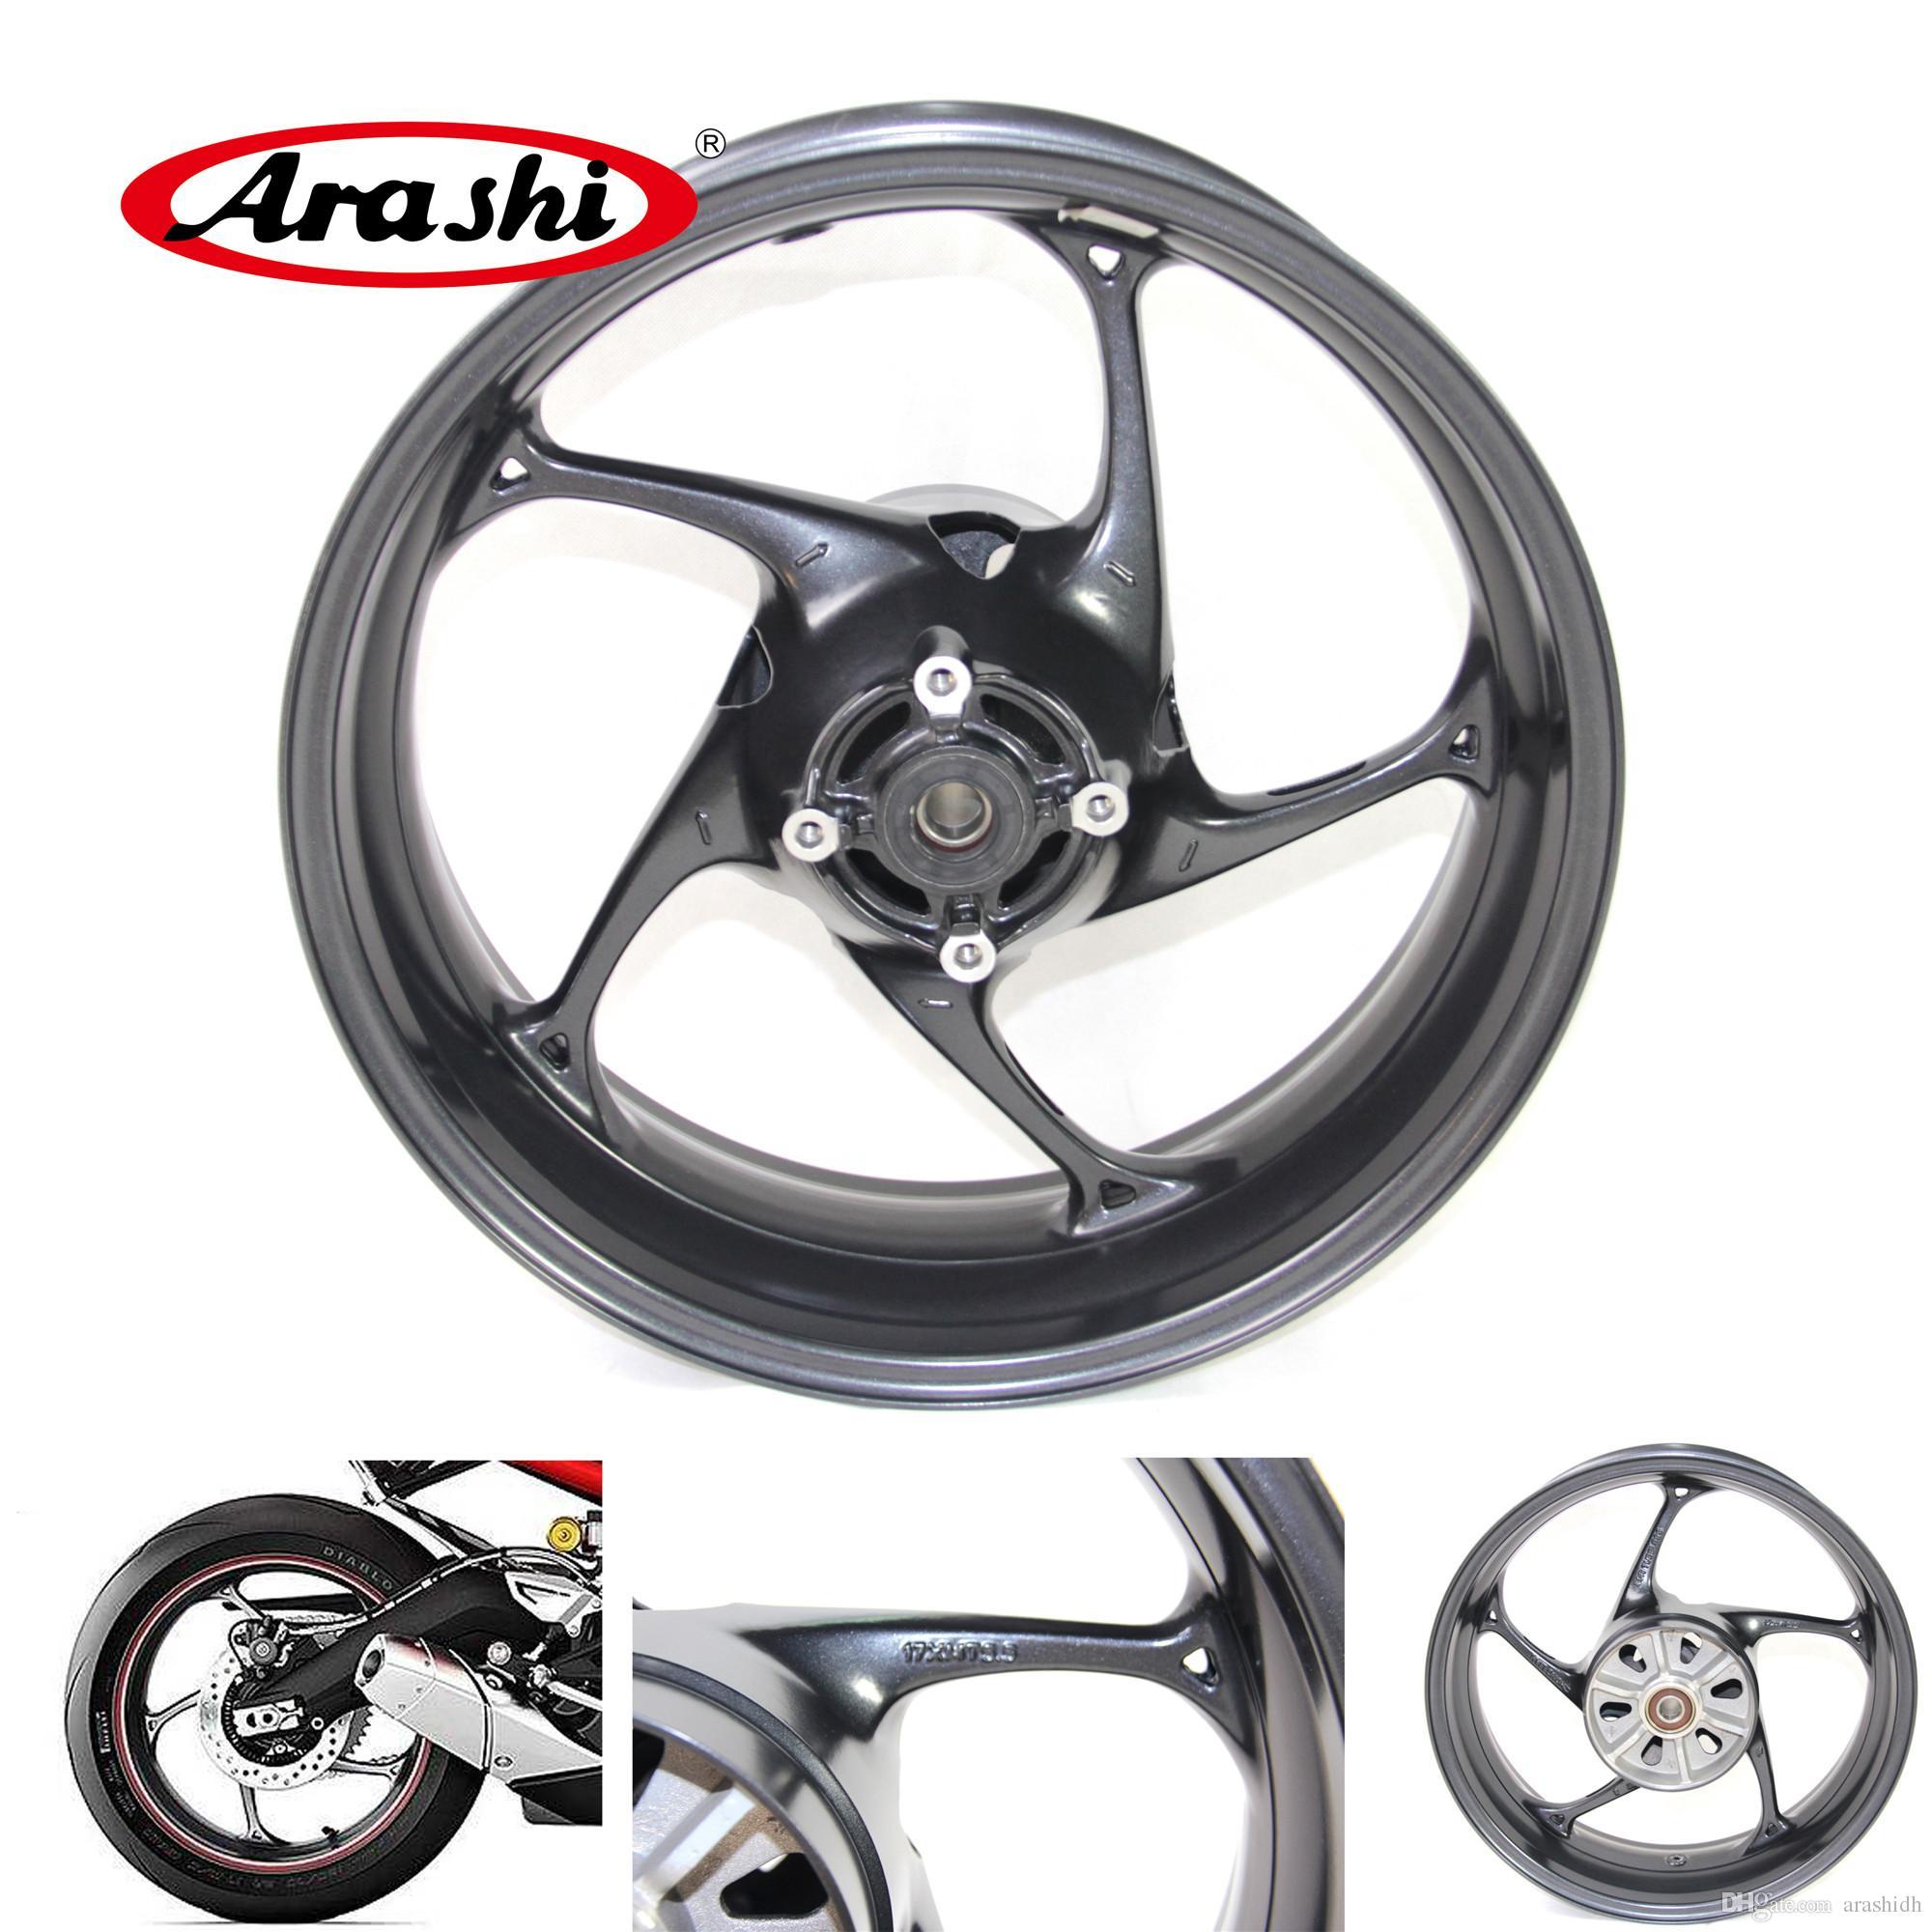 2019 Arashi Rear Wheel Rim For Triumph Daytona 675 R 2013 2014 2015